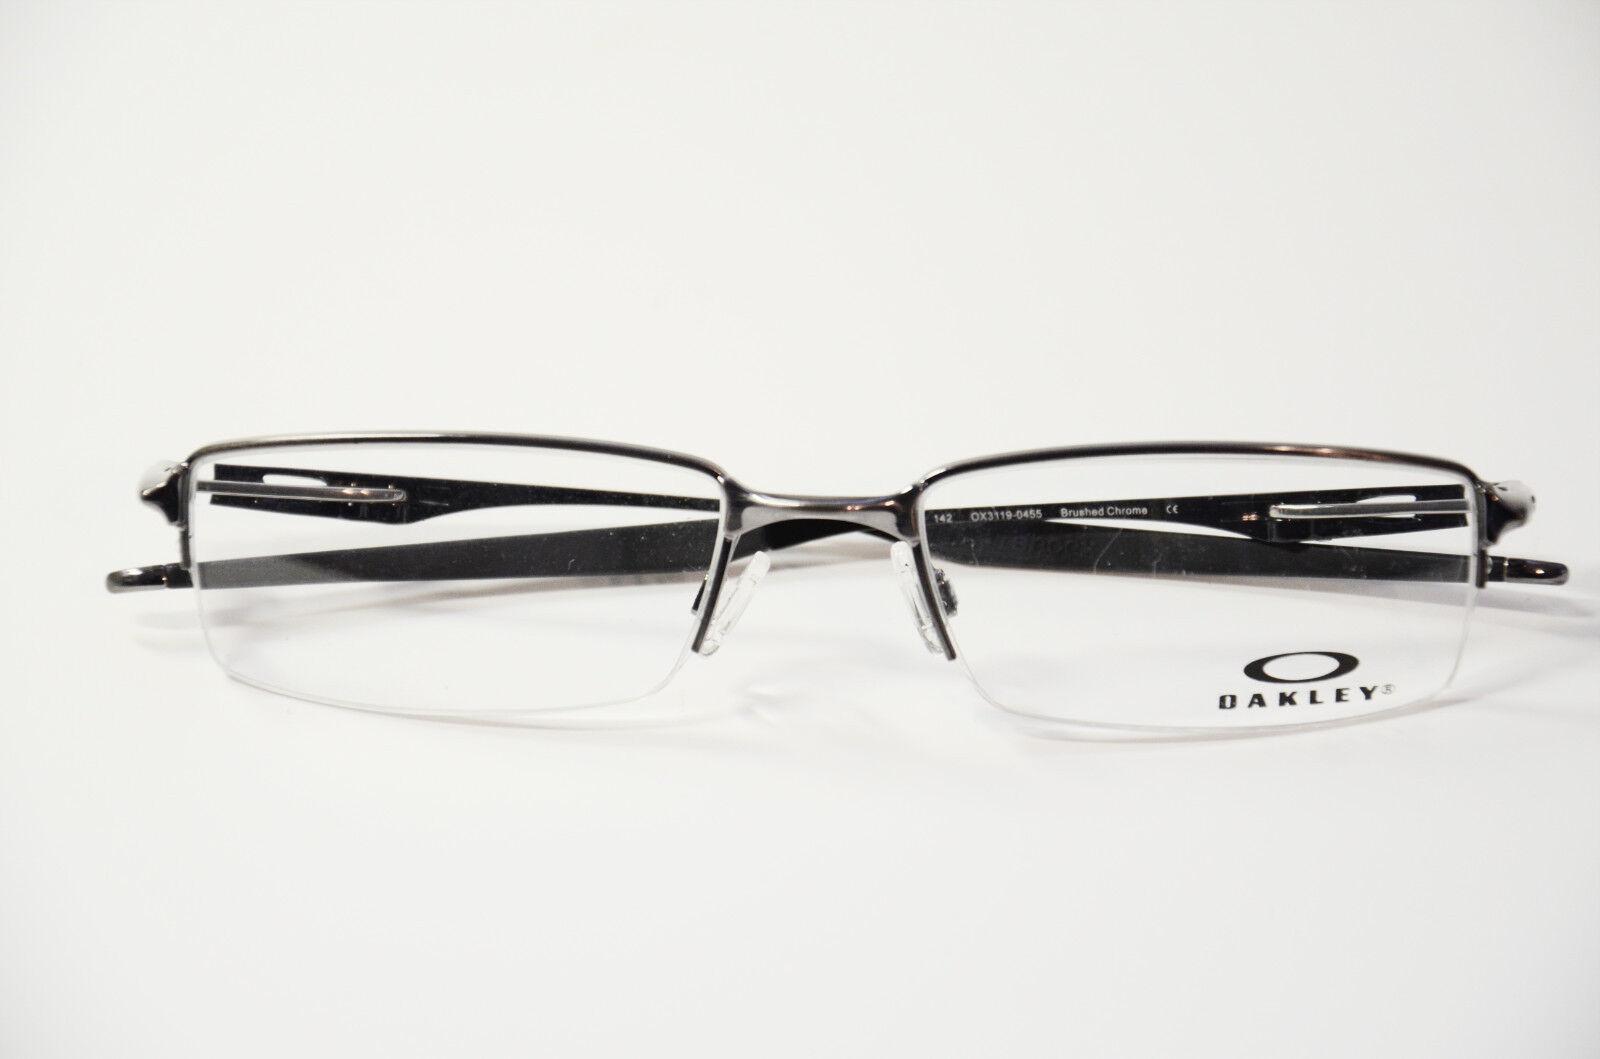 Oakley Lesebrille OX 3119 04 Brille Herren 1,0 1,5 2,0 2,5 3,0 3,5 4,0 Neu